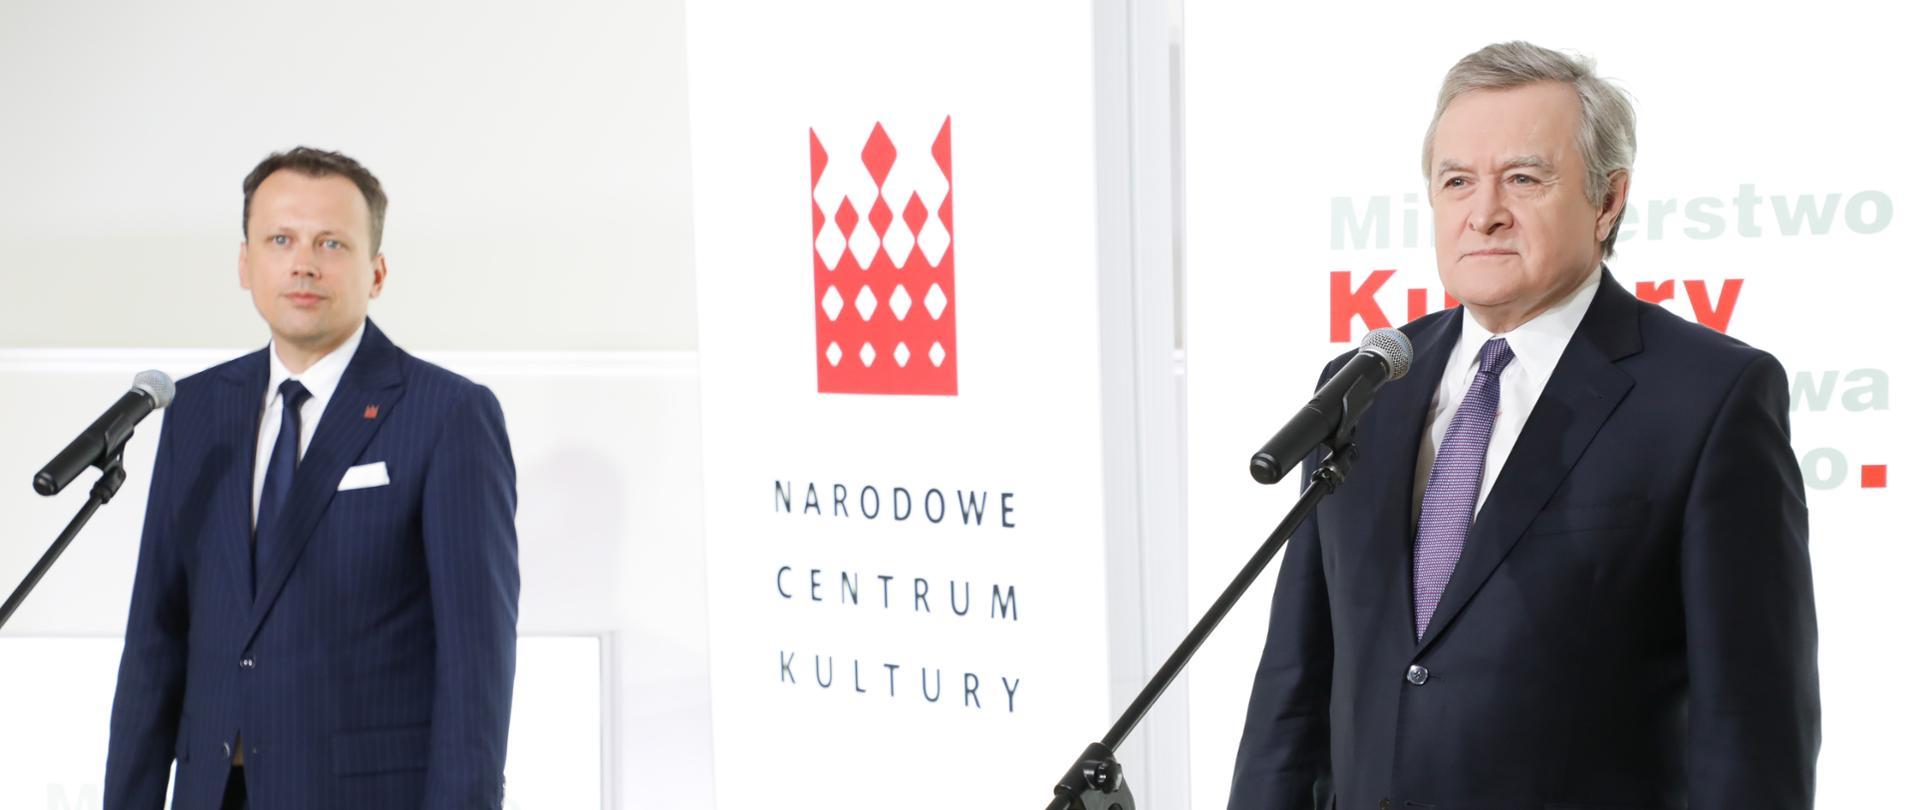 60 mln zł wsparcia dla prawie 1200 beneficjentów na działania kulturalne online w ramach programu Kultura w sieci, fot. Danuta Matloch